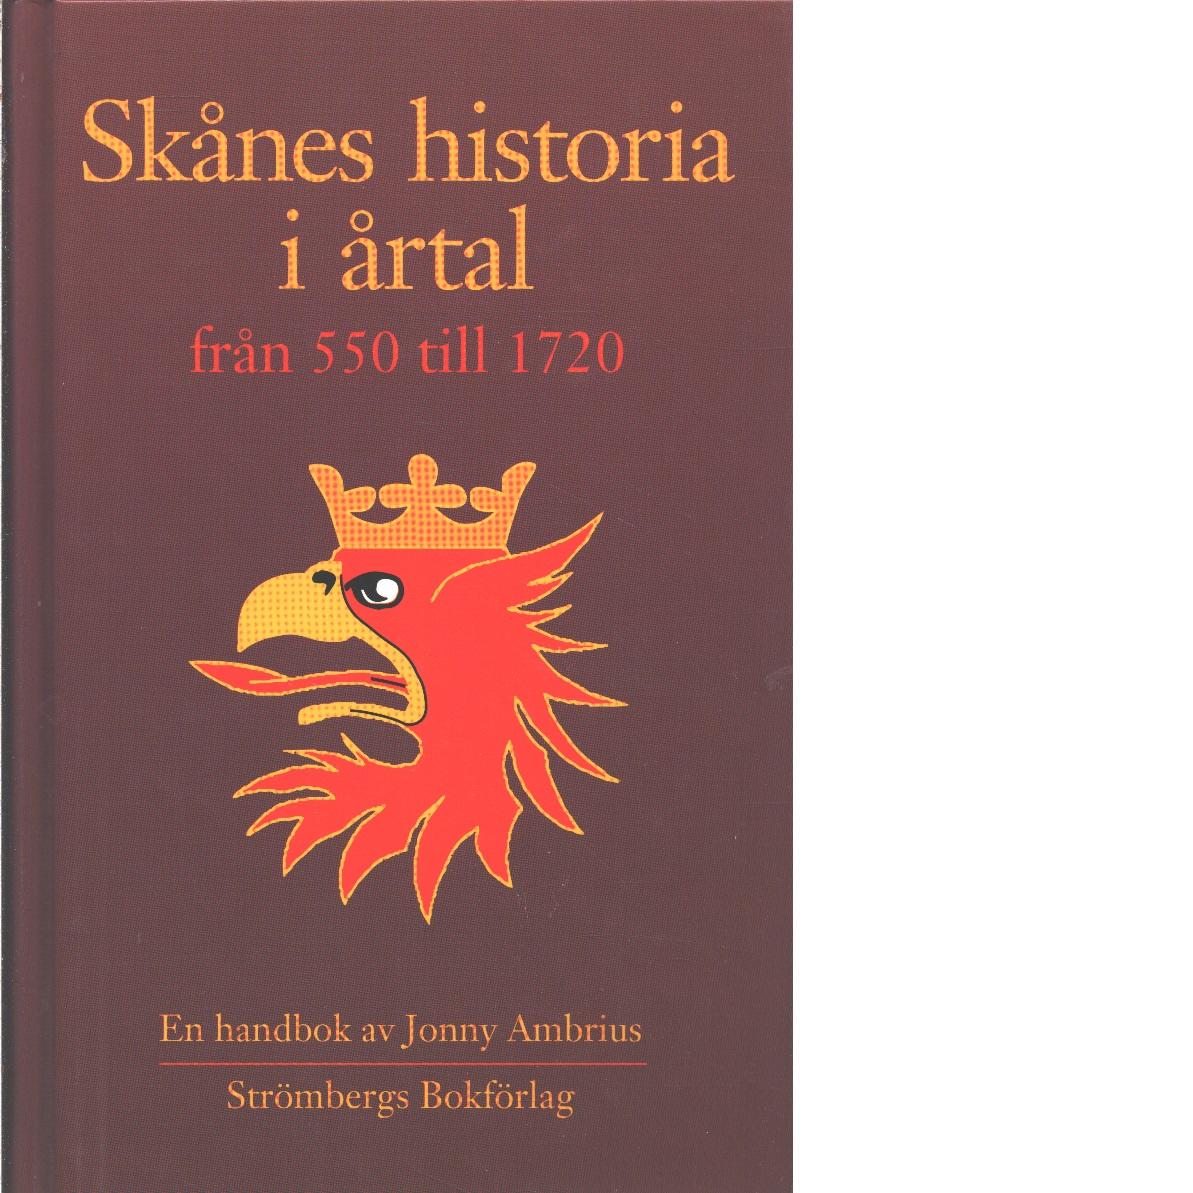 Skånes historia i årtal från 550 till 1720 : [en handbok] - Ambrius, Jonny